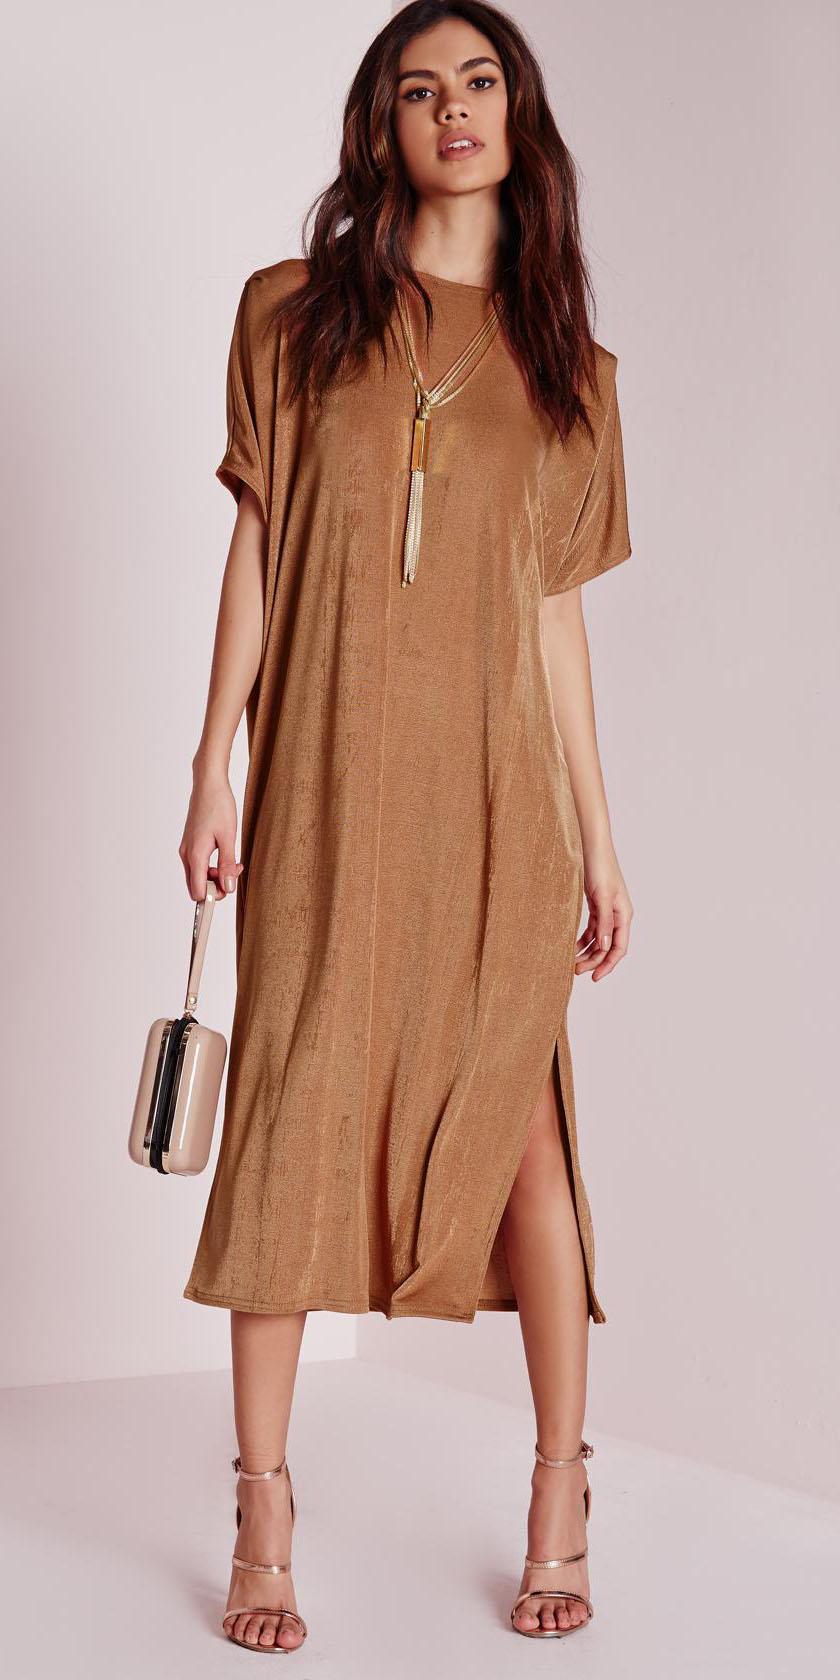 camel-dress-tshirt-spring-summer-hairr-oversized-necklace-tan-shoe-sandalh-dinner.jpg